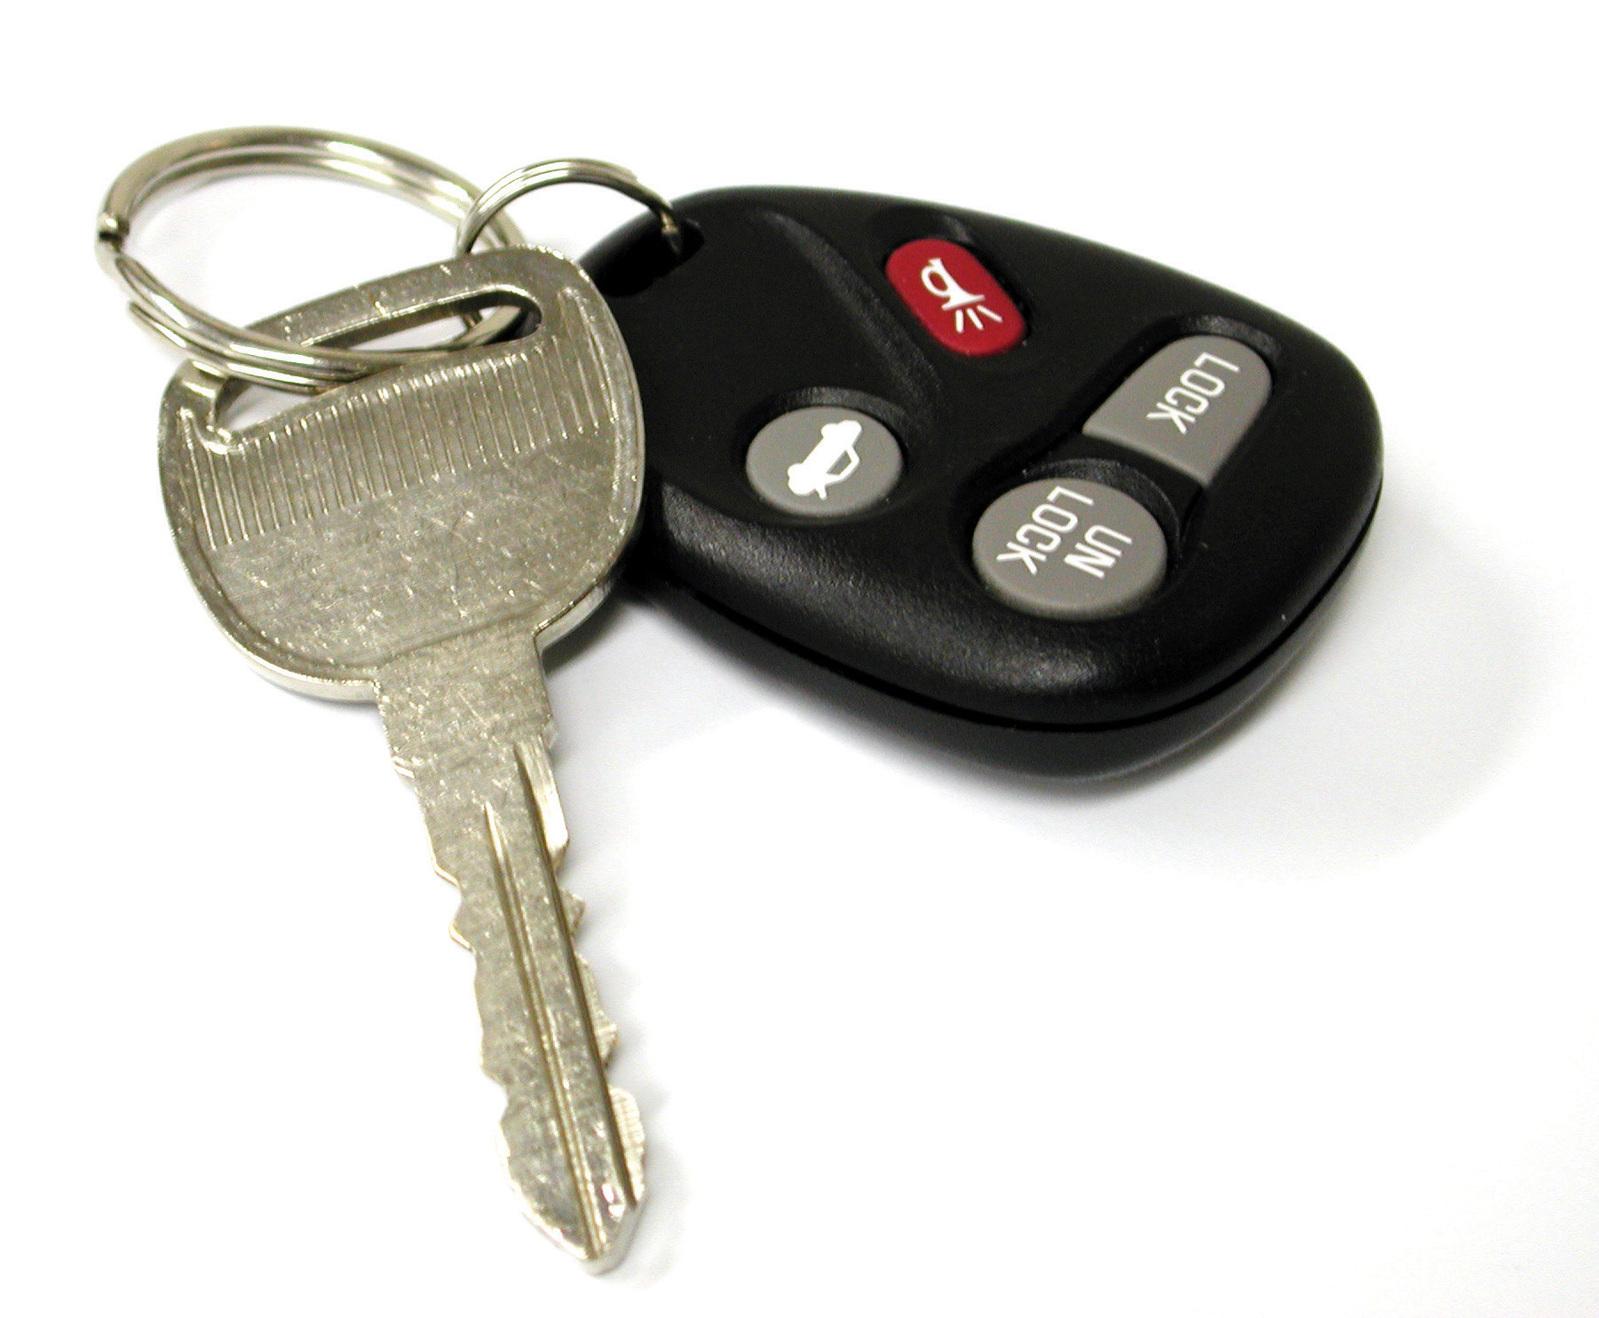 car-keys-1421591-1599x1318.jpg